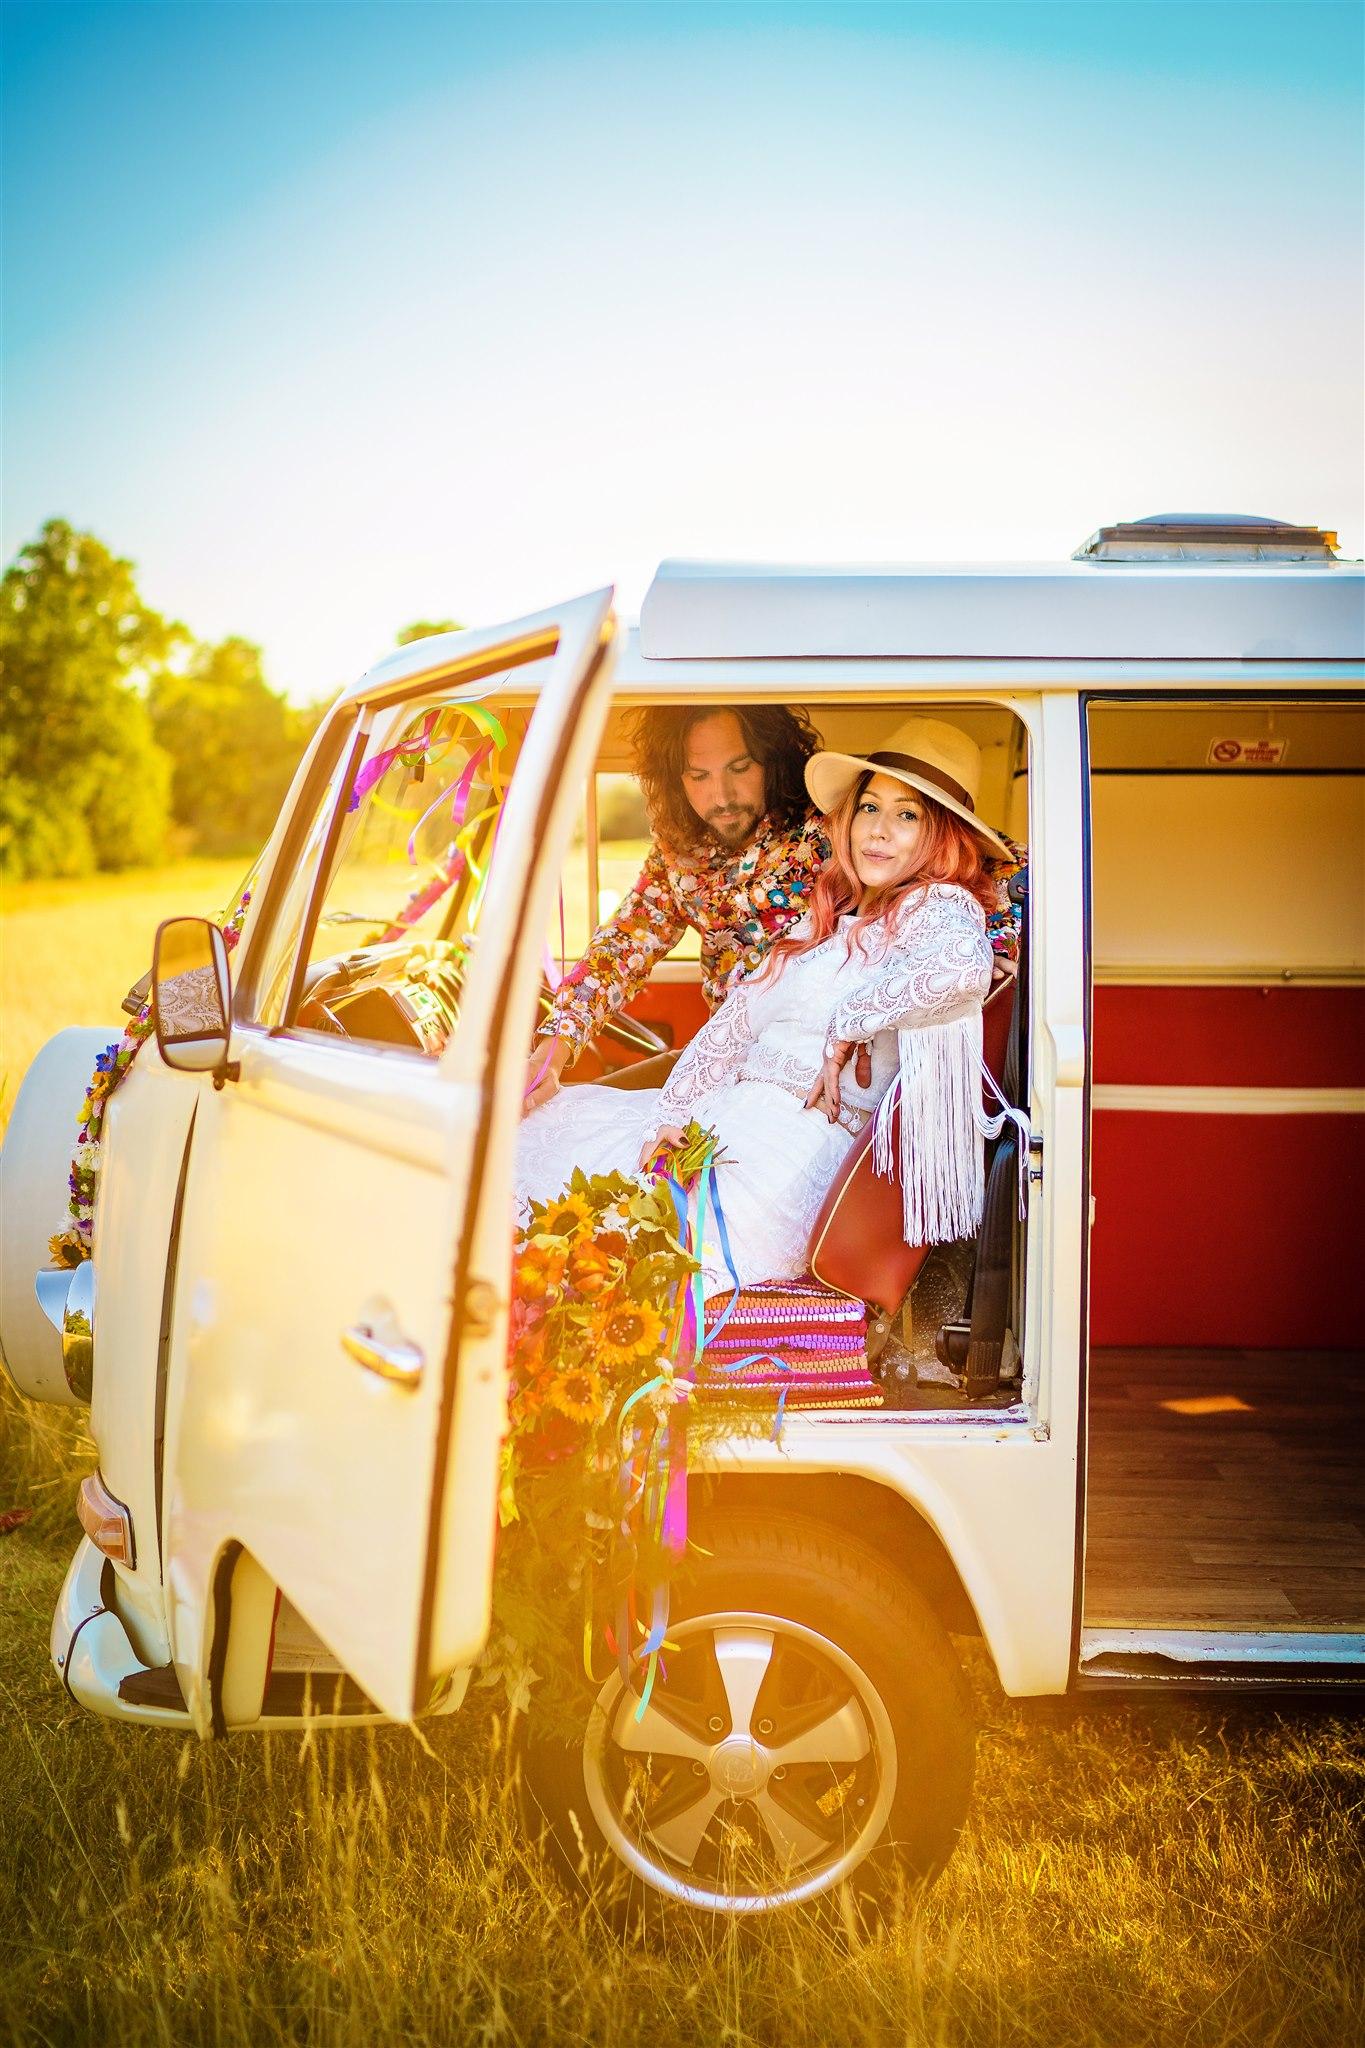 colourful bohemian wedding - 70s wedding - campervan wedding - hippie wedding - wedding campervan - bride and groom in campervan